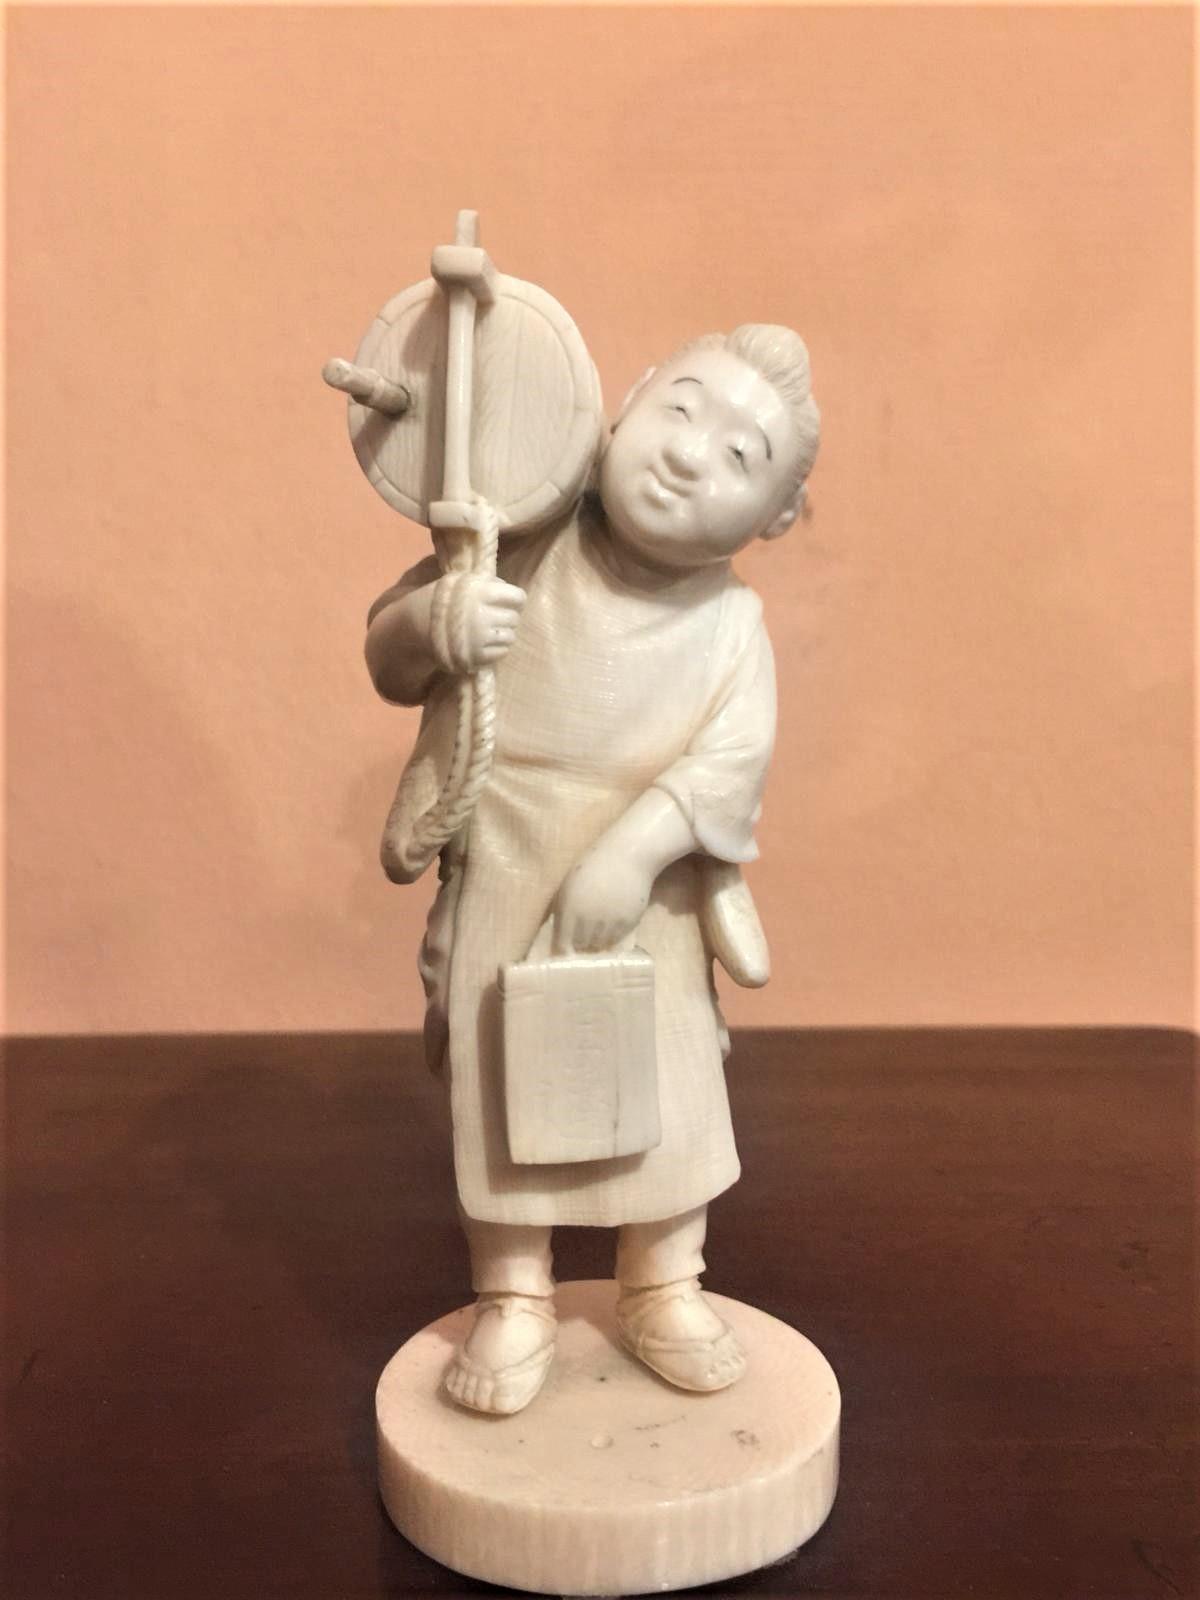 Statuetta in avorio, contadino orientale, fine '800